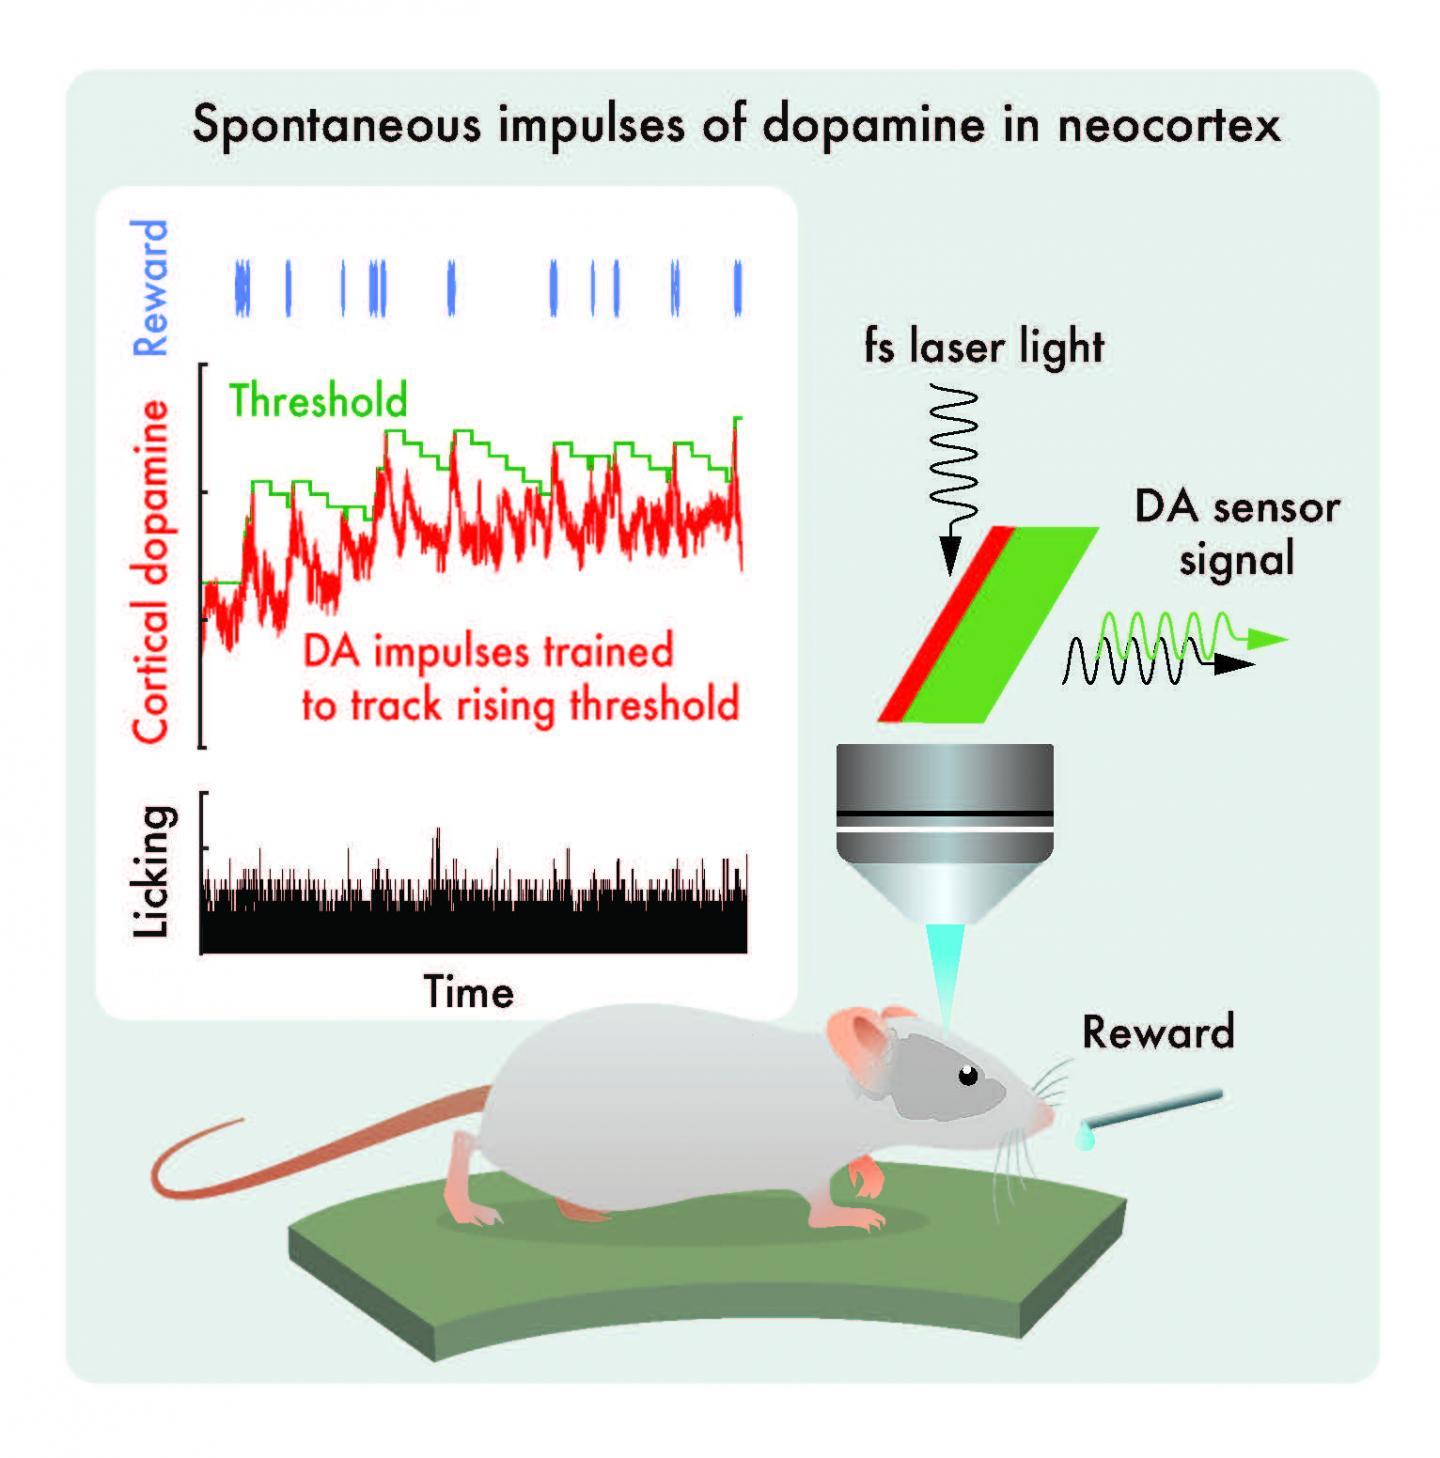 Spontaneous impulses of dopamine in neocortex